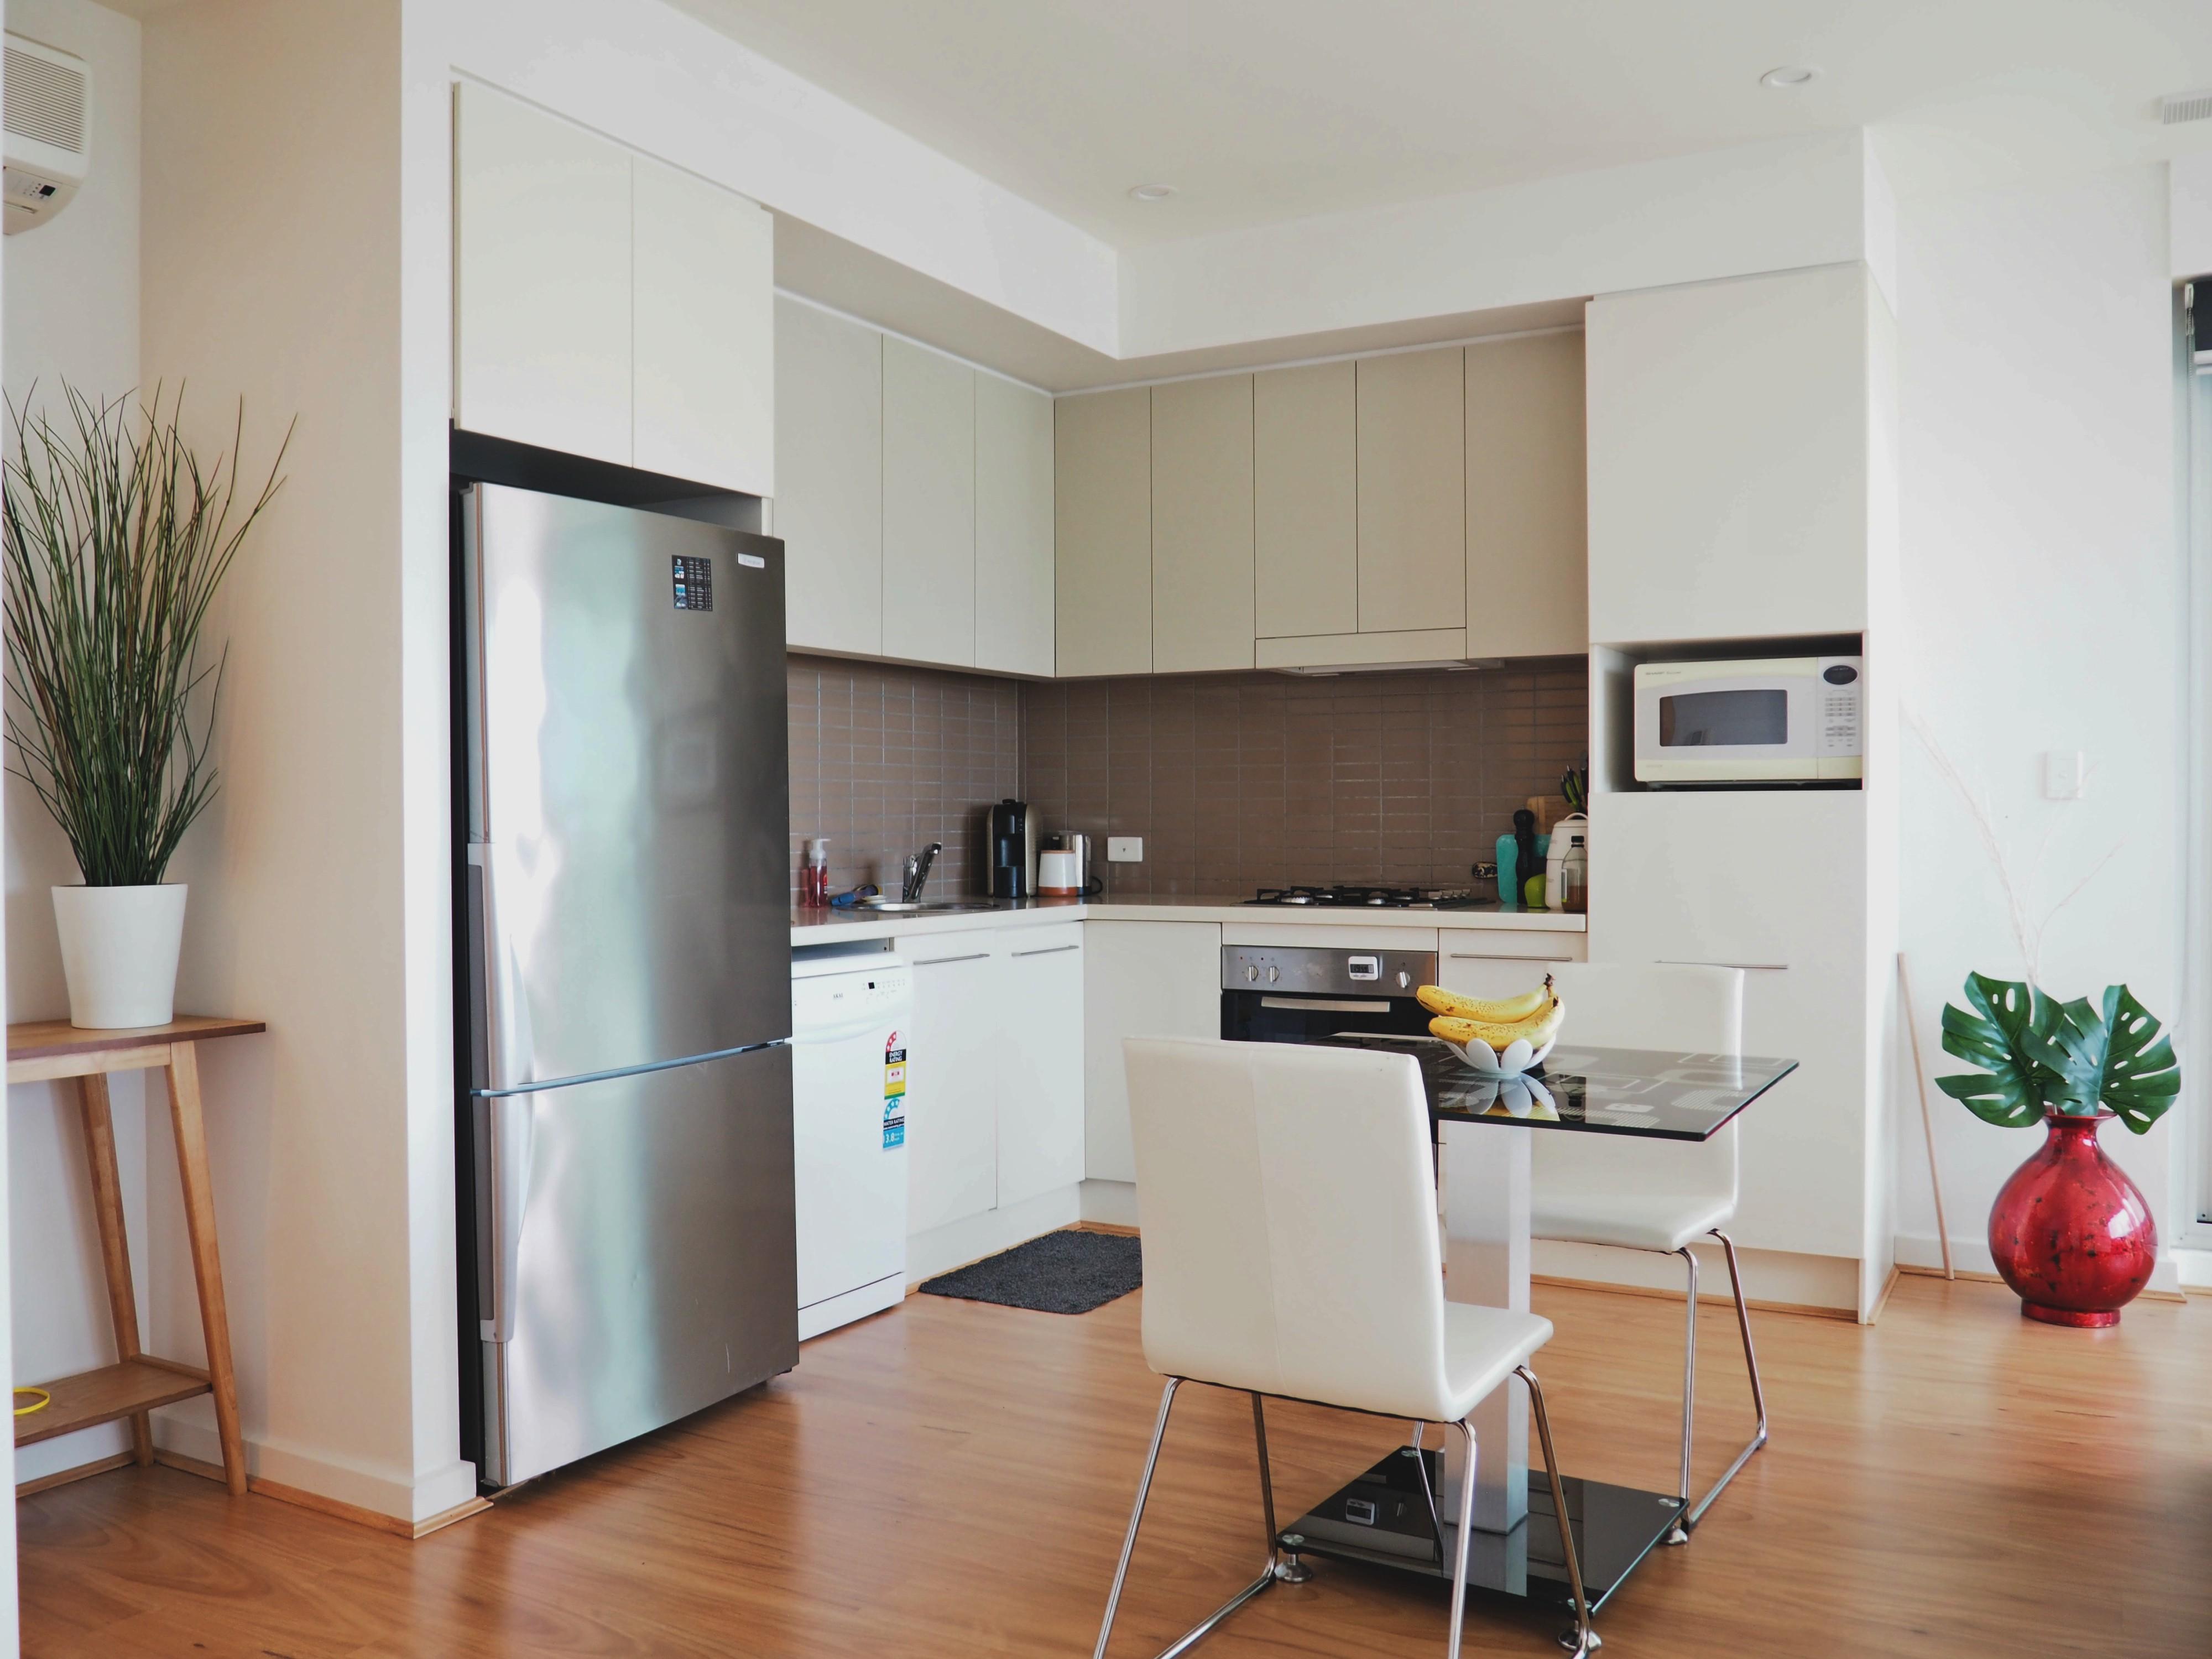 mydimport-1596538589-hires.17722-kitchen.jpg